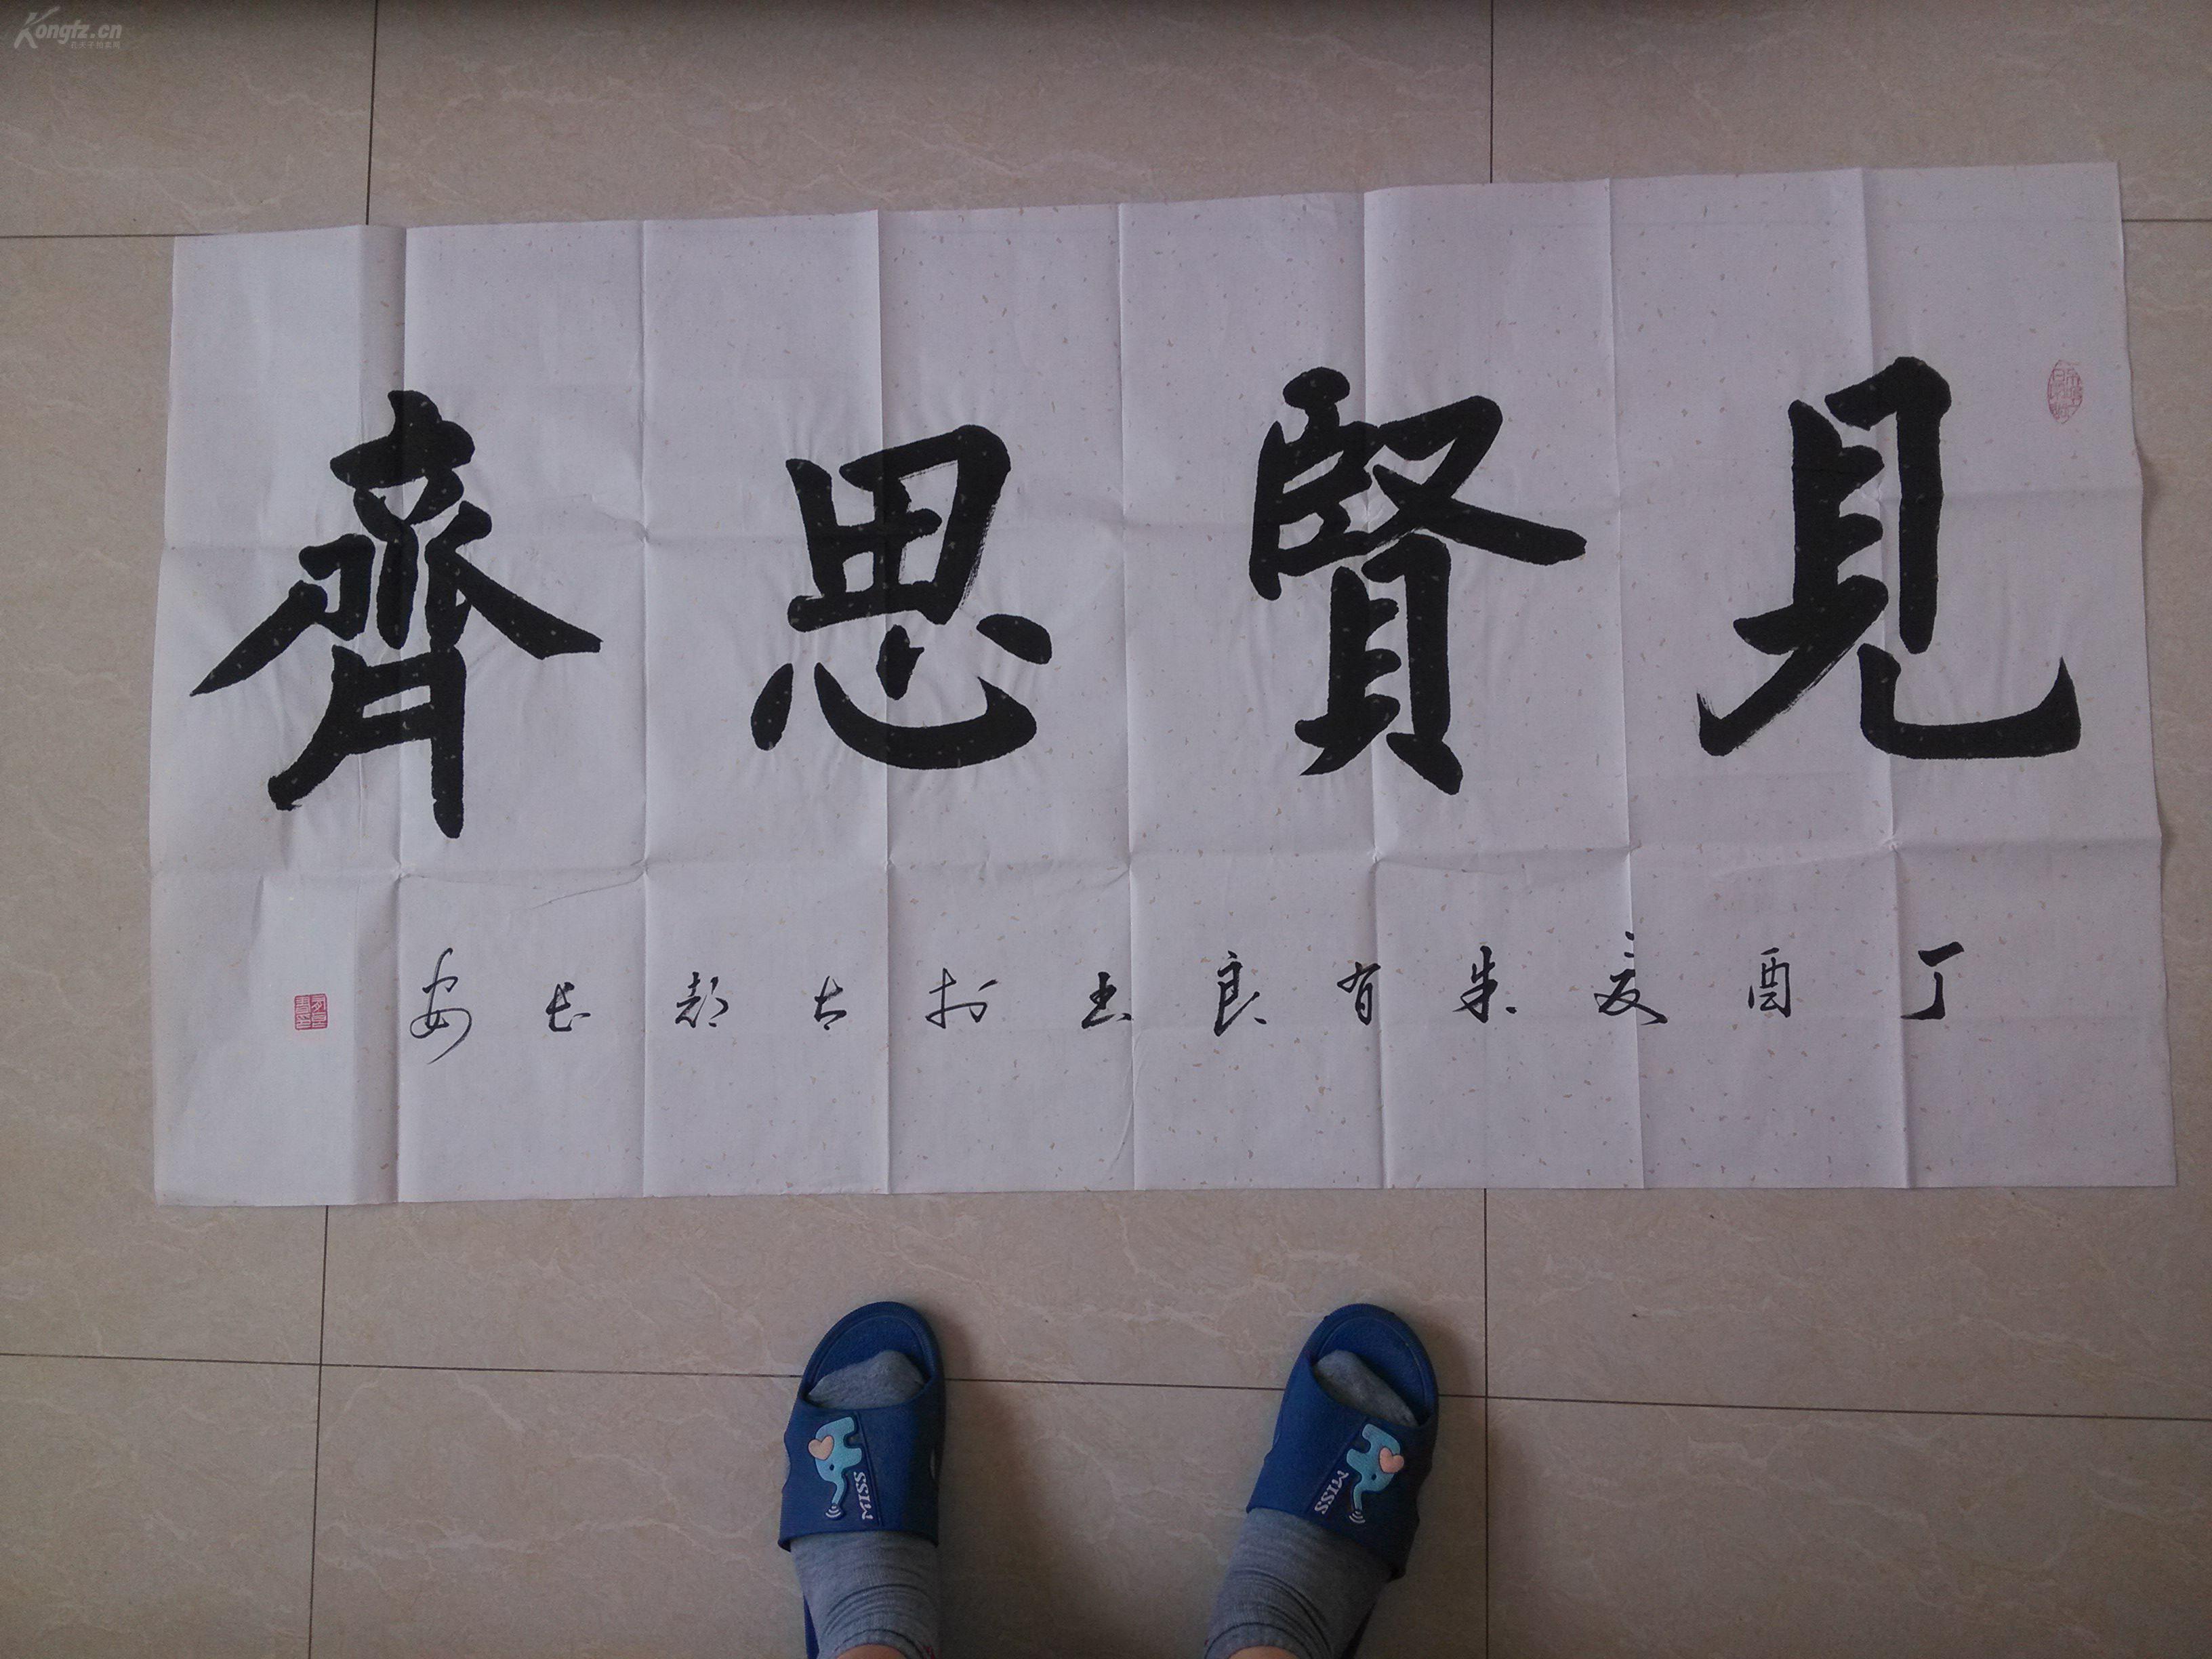 陕西书法名家朱有良先生精品四尺整张楷书书法作品1件图片